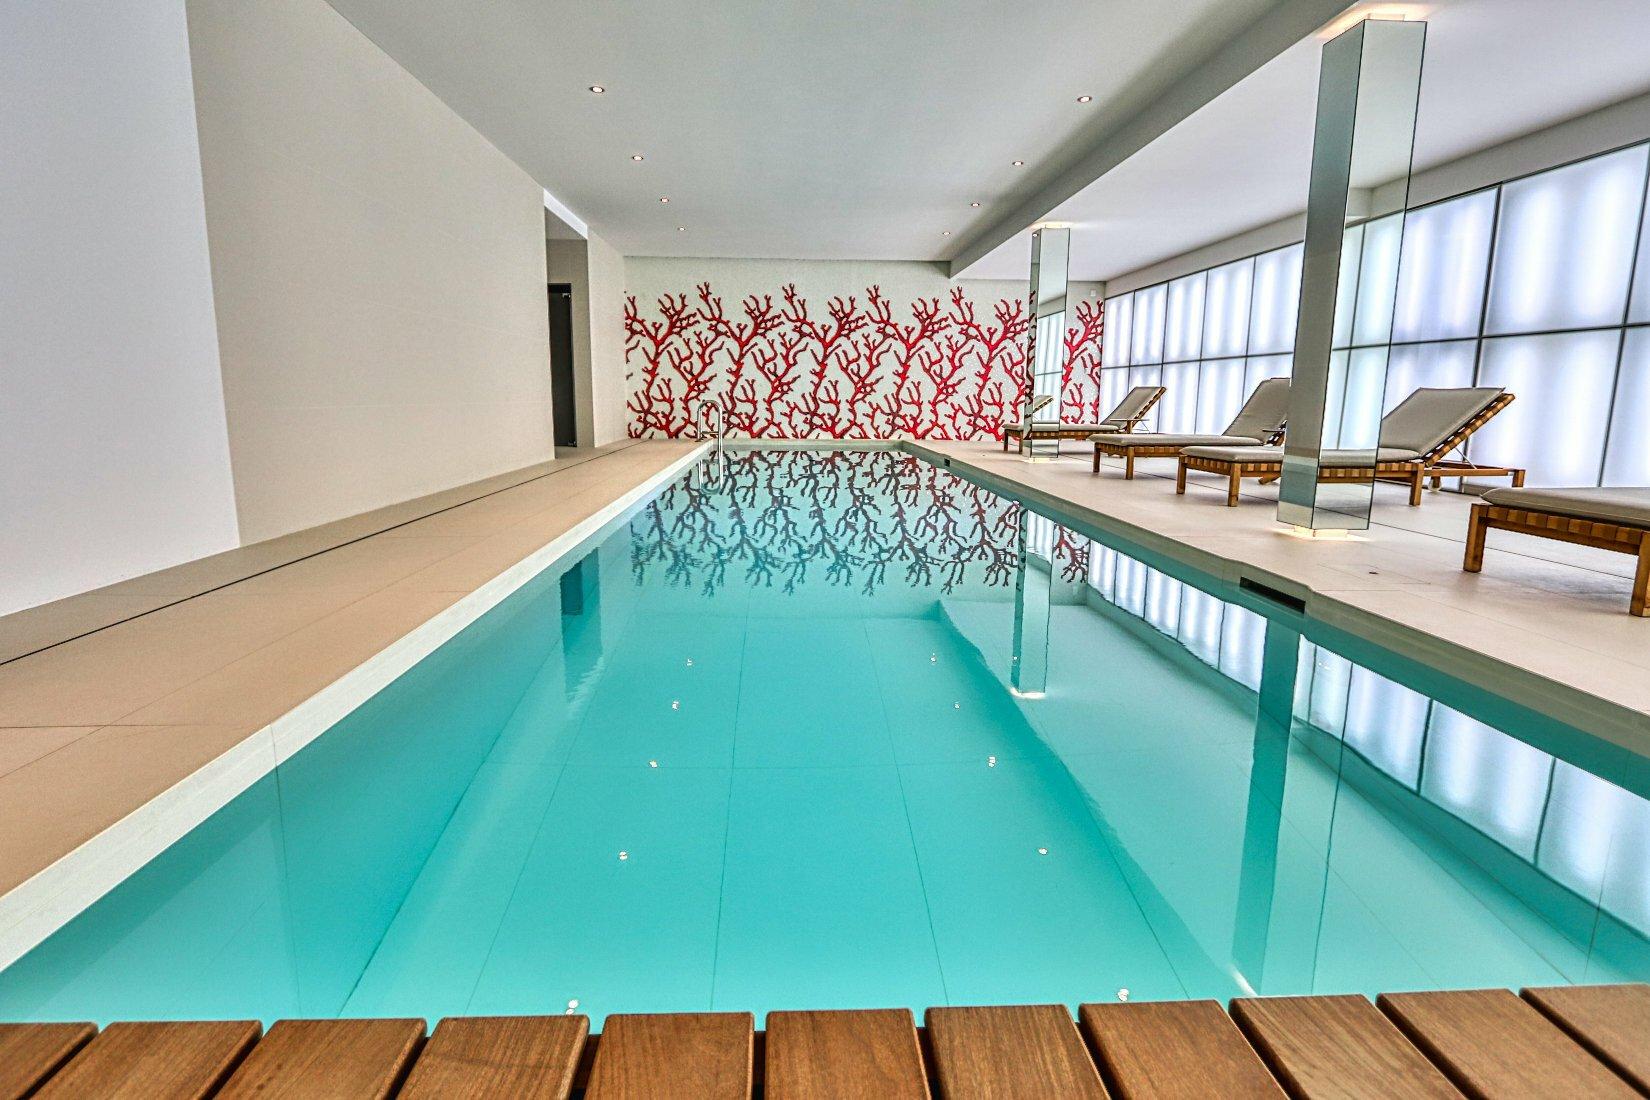 Apartment in Montreux, Vaud, Switzerland 1 - 11517626